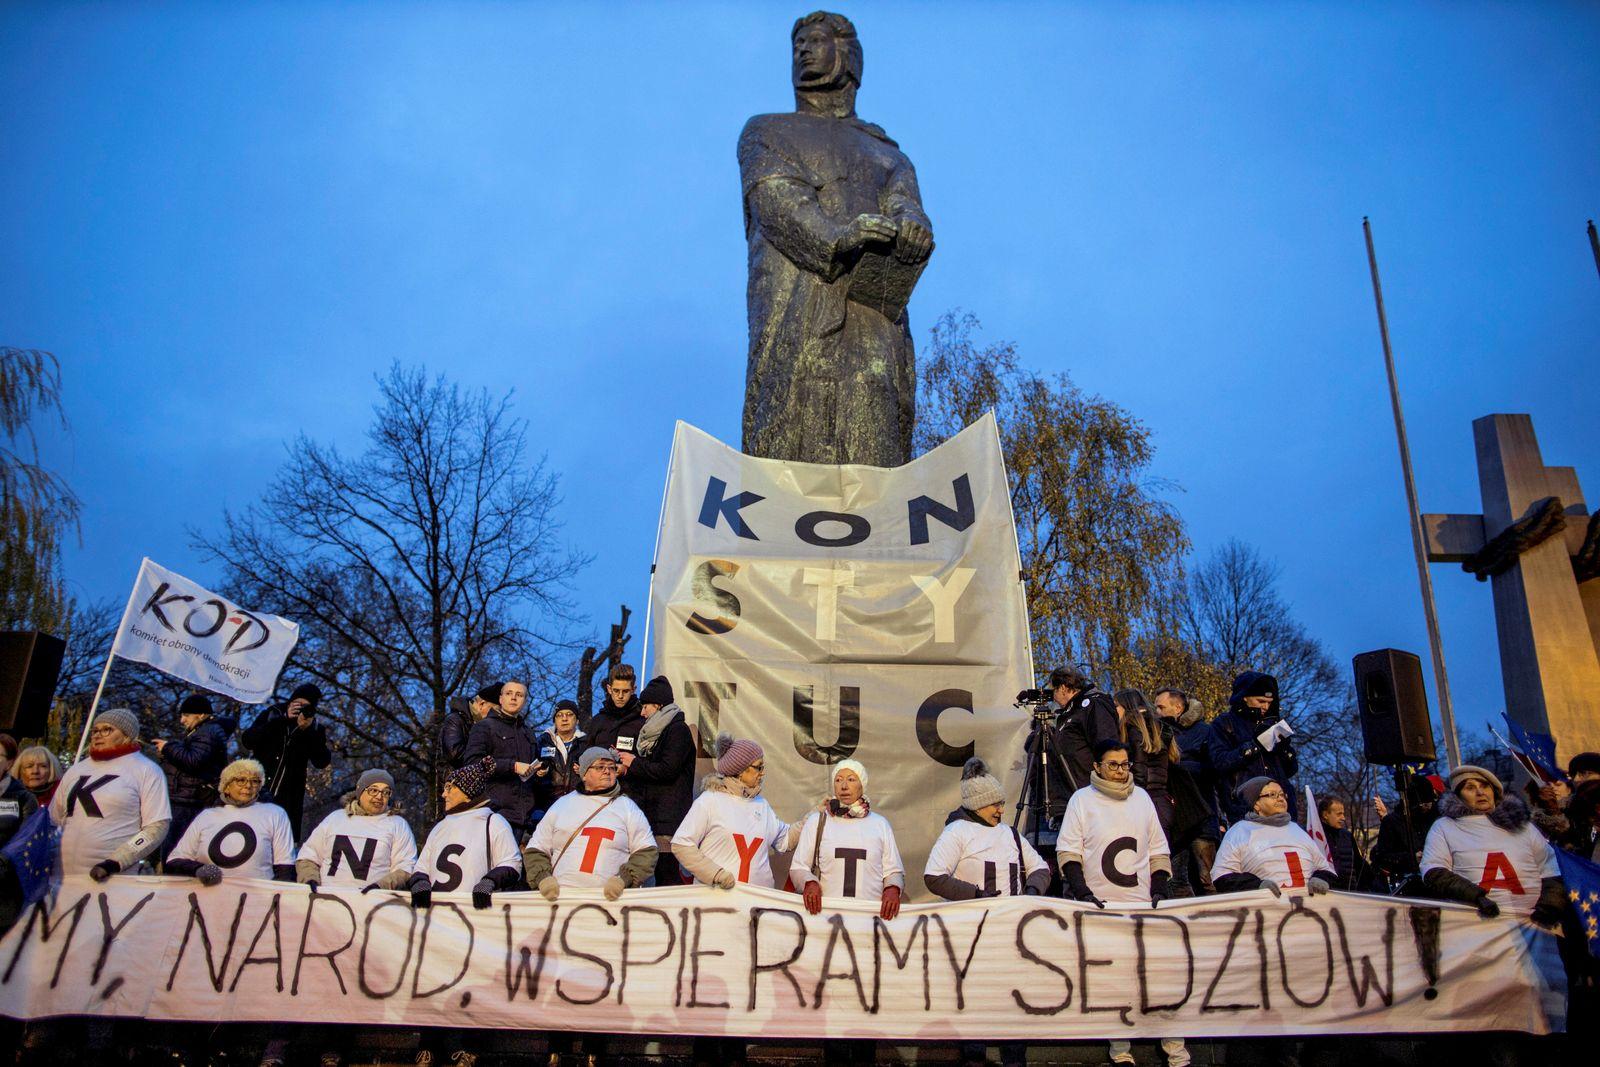 Polen / Justizreform / Proteste